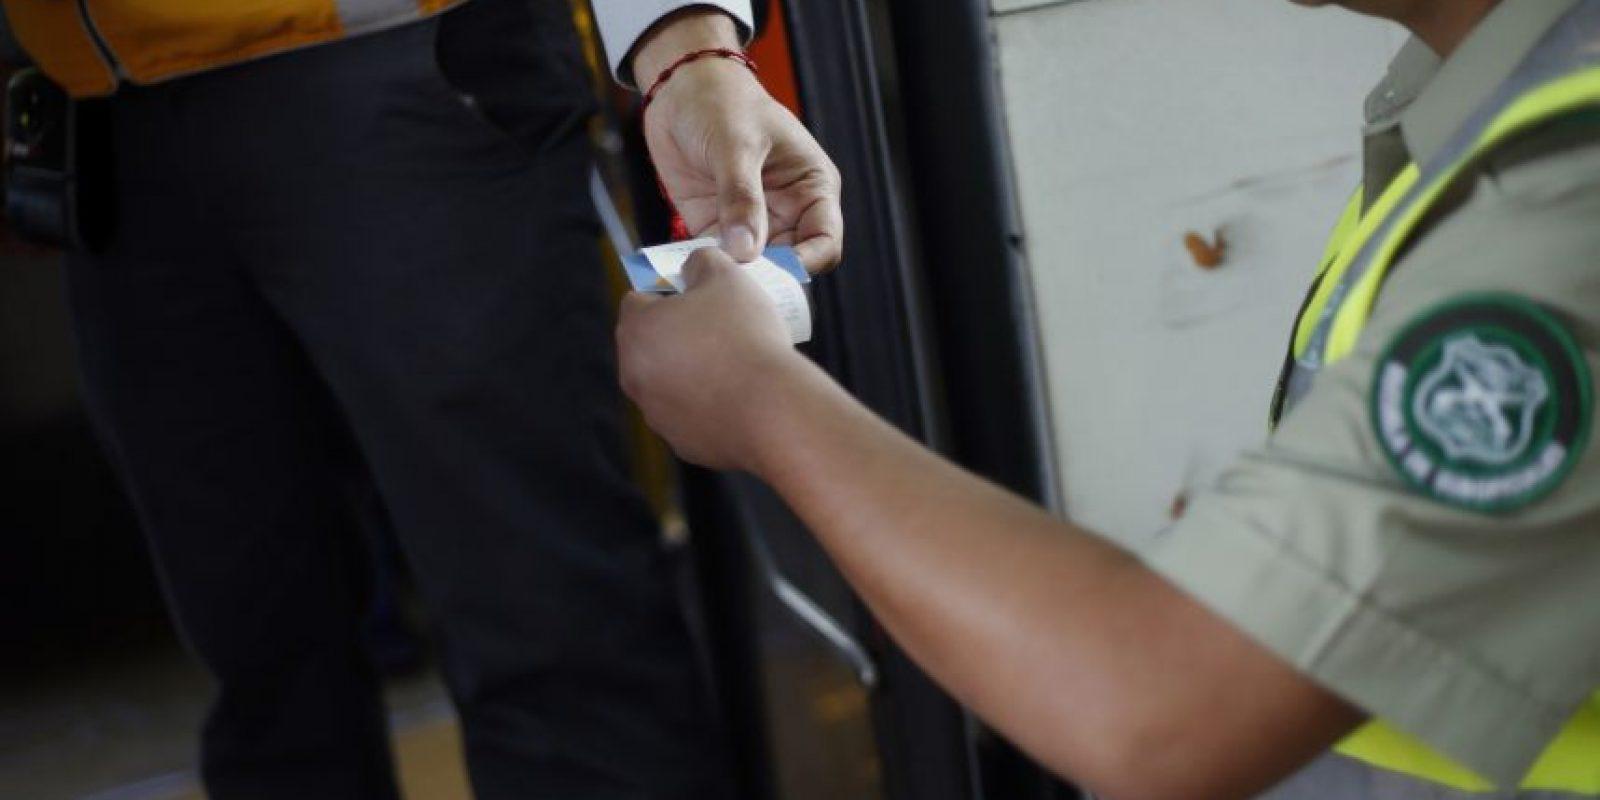 En cuanto a las fiscalizaciones, durante lo que va del presente año, se han fiscalizado a 1.332.145 pasajeros, siendo de estos 65.161 infraccionados por no cancelar su pasaje. Foto:Agencia UNO. Imagen Por: